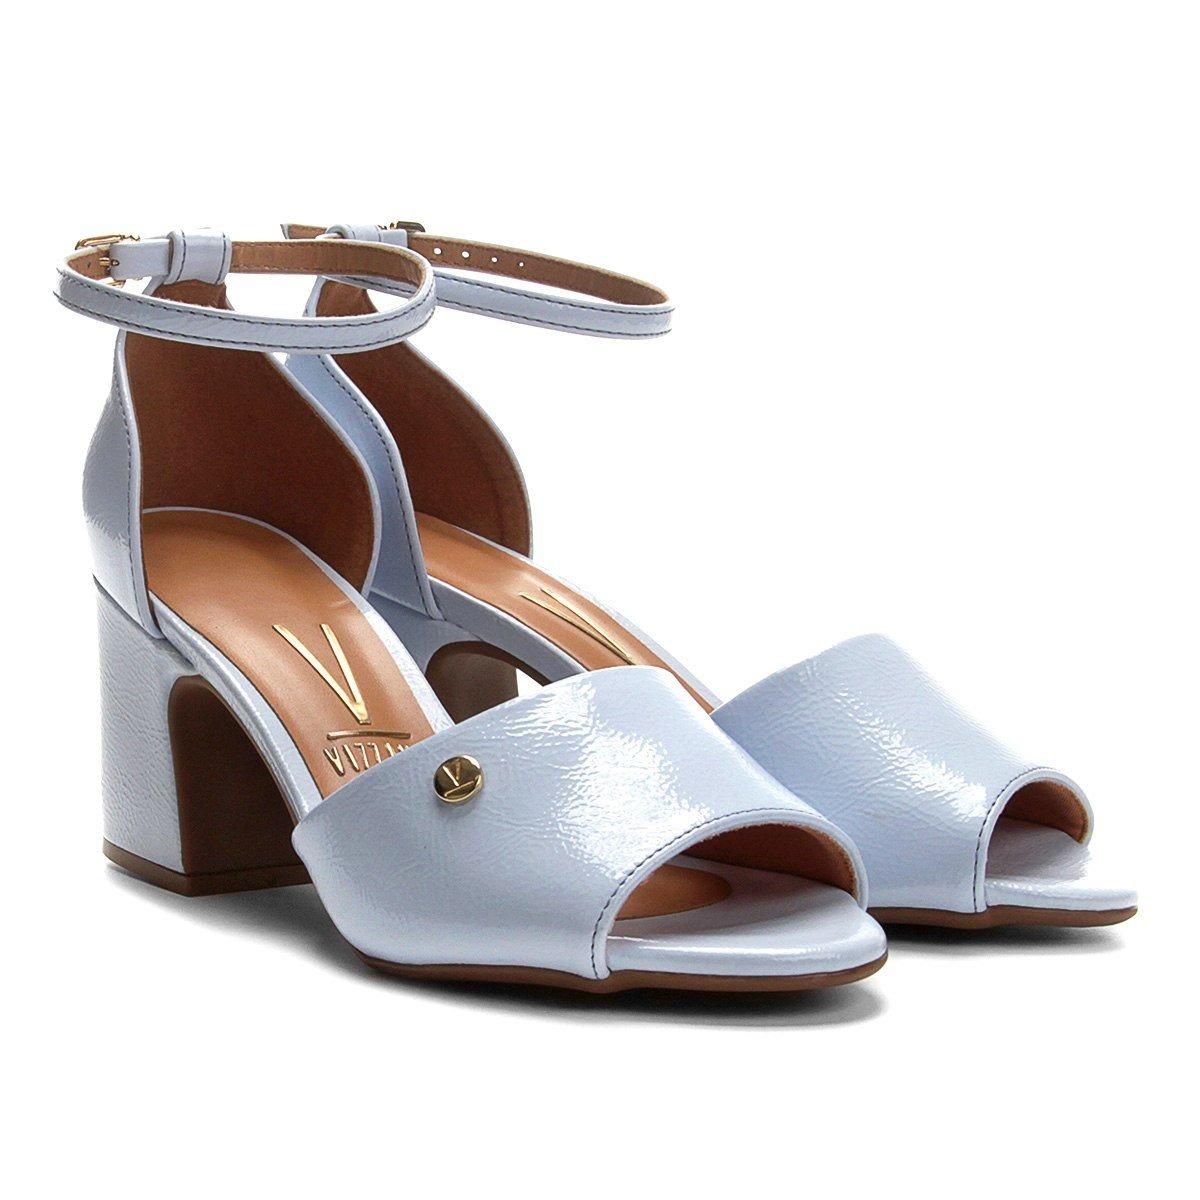 298bf755a7 sandália vizzano salto grosso médio verniz craquelado. Carregando zoom.